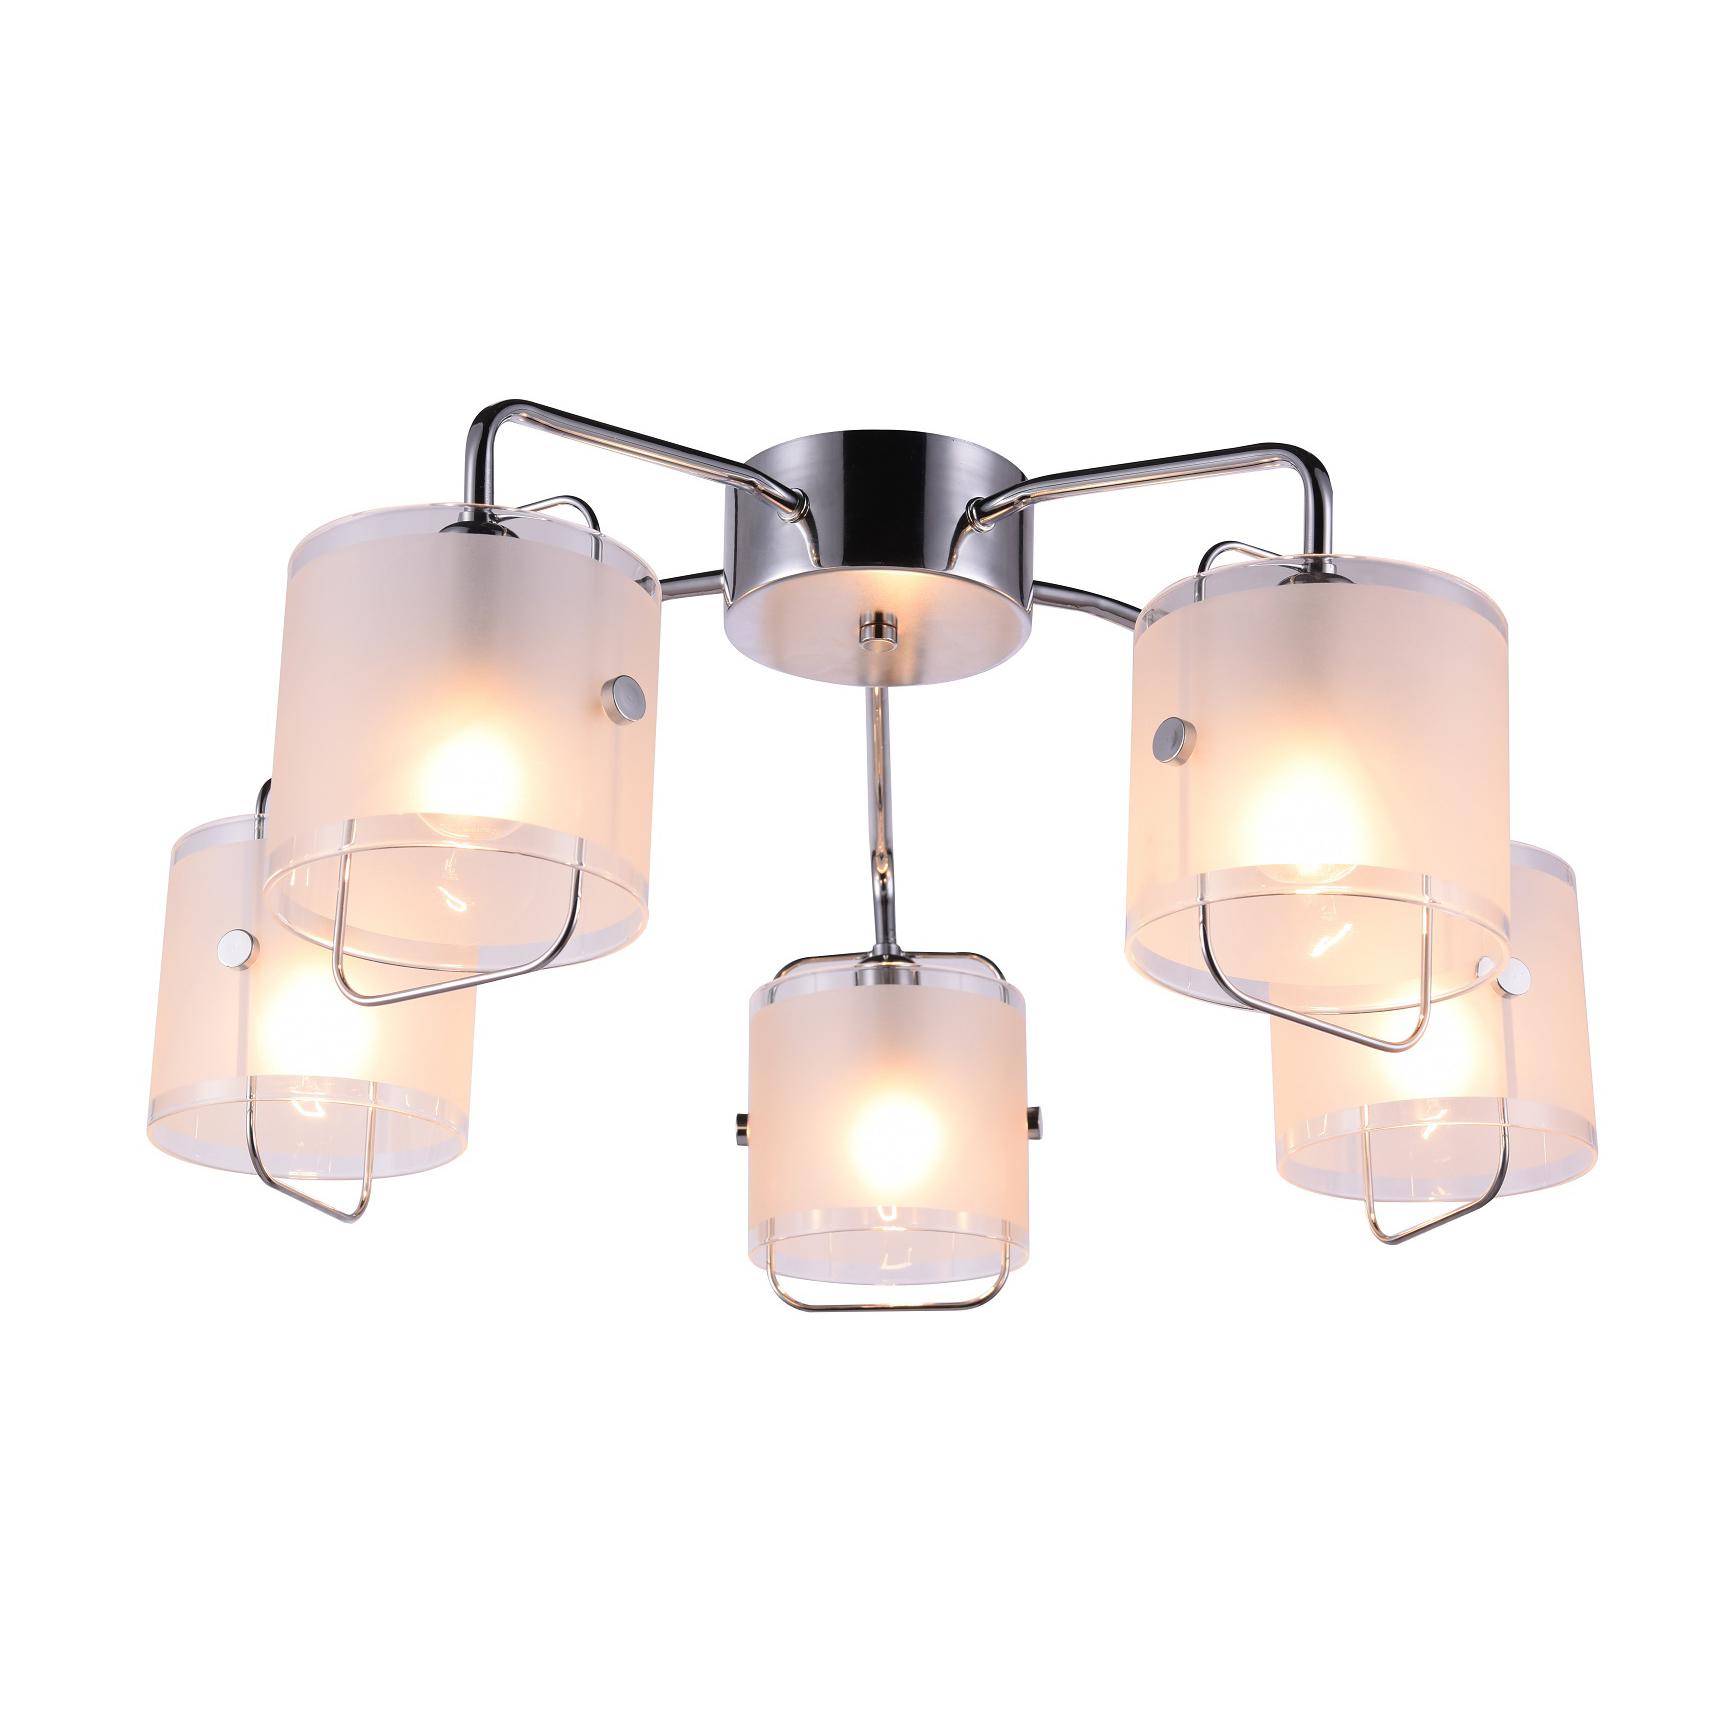 Люстра потолочная J-light NOVA 1031/5C E14*5*40W хром/матовый белый люстра потолочная j light jeam 1013 8c e14 8 40w черный матовый